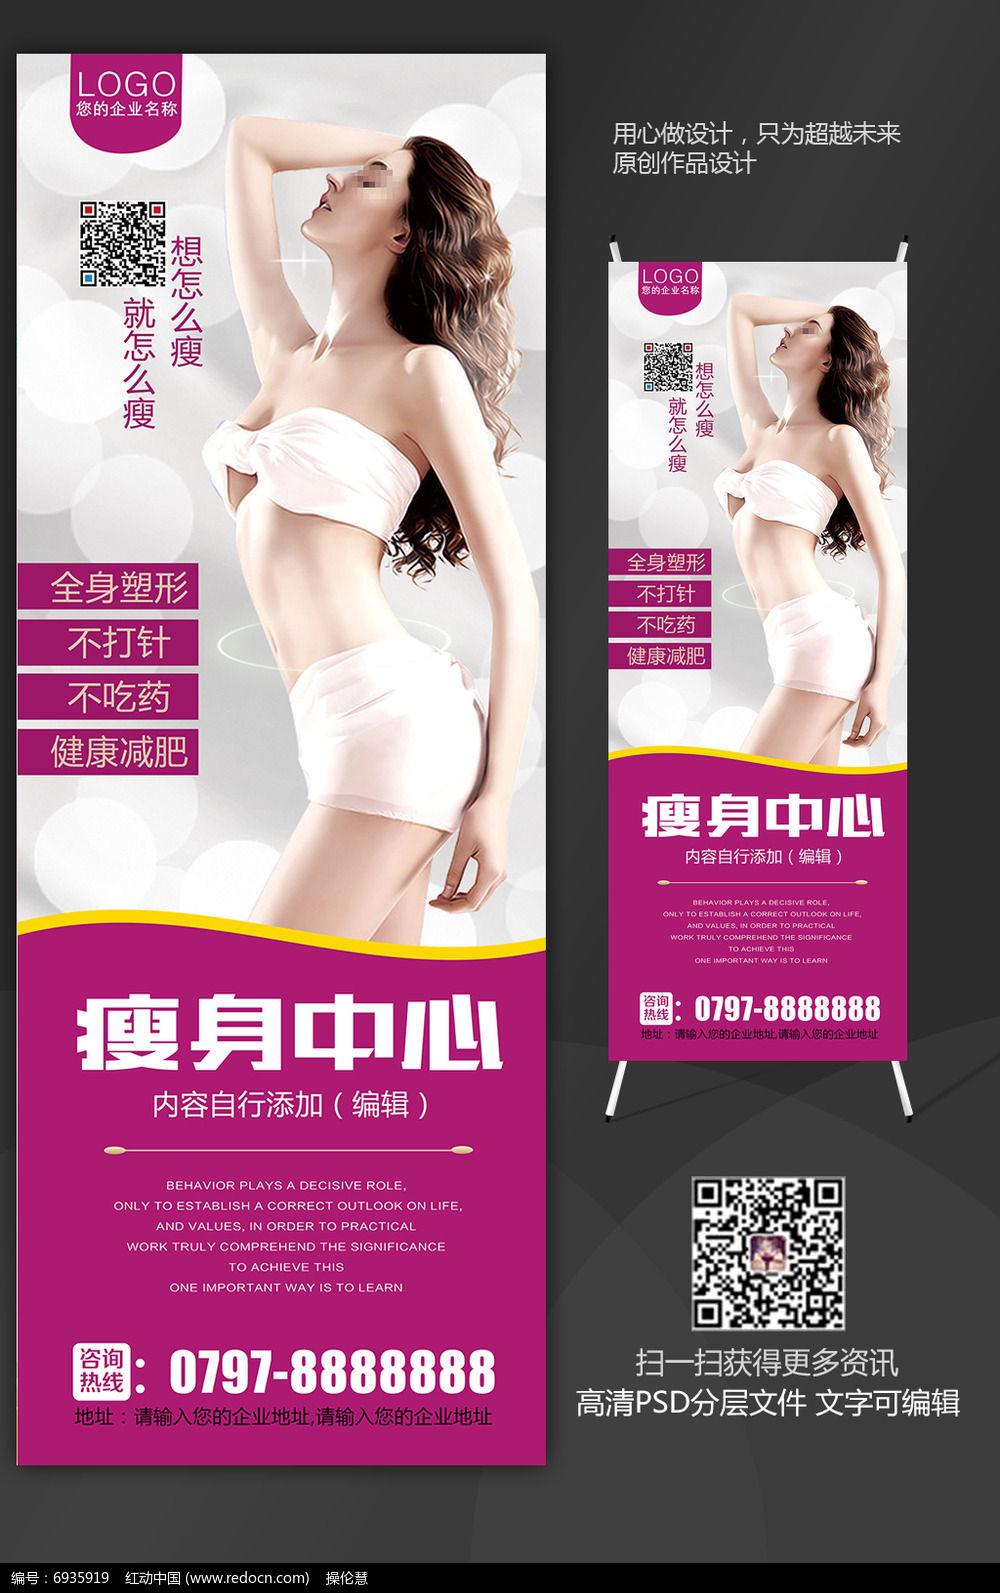 原创设计稿 海报设计/宣传单/广告牌 x展架|易拉宝背景 紫色大气减肥